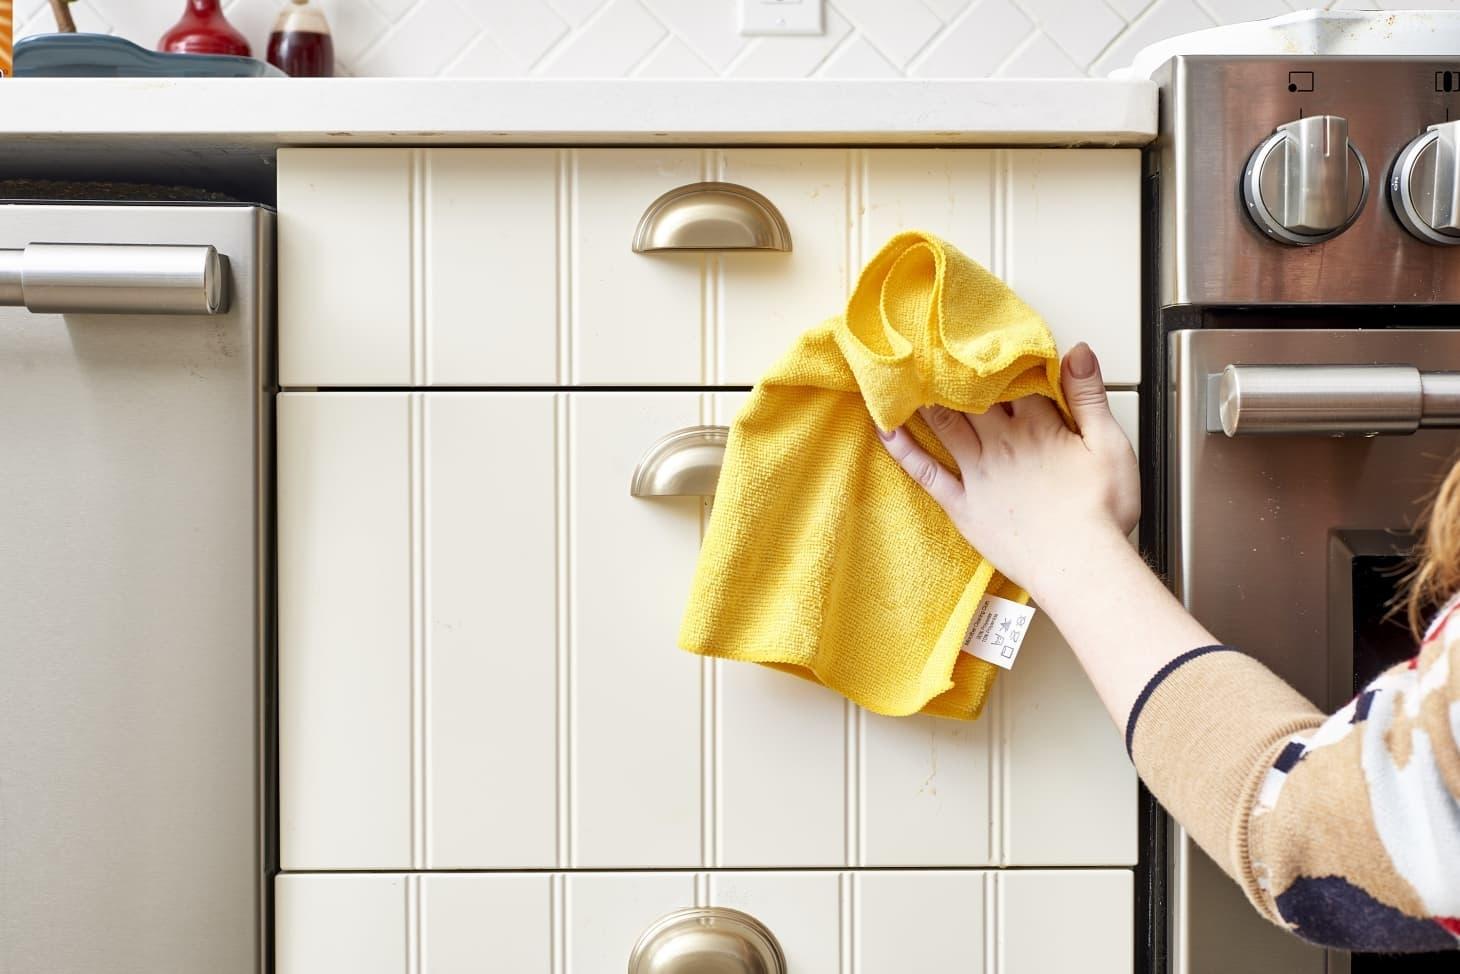 Чистота в и на кухонных шкафчиках. - Реактивные хозяйки — LiveJournal